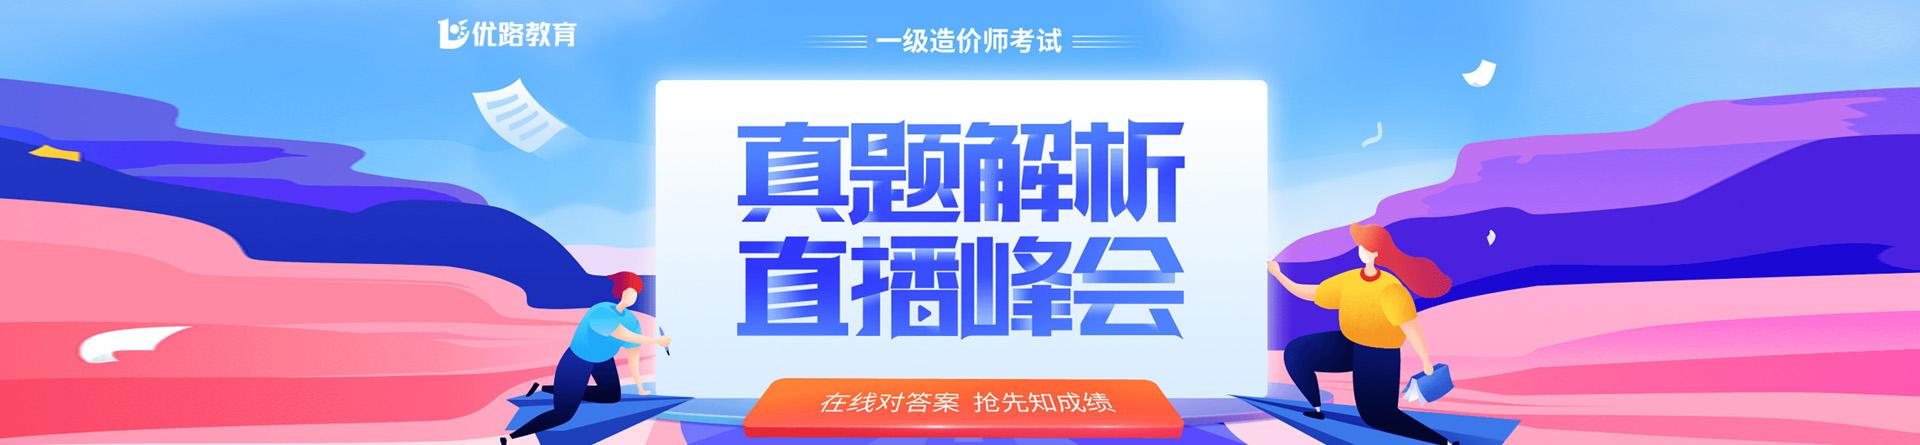 广东茂名优路教育培训学校